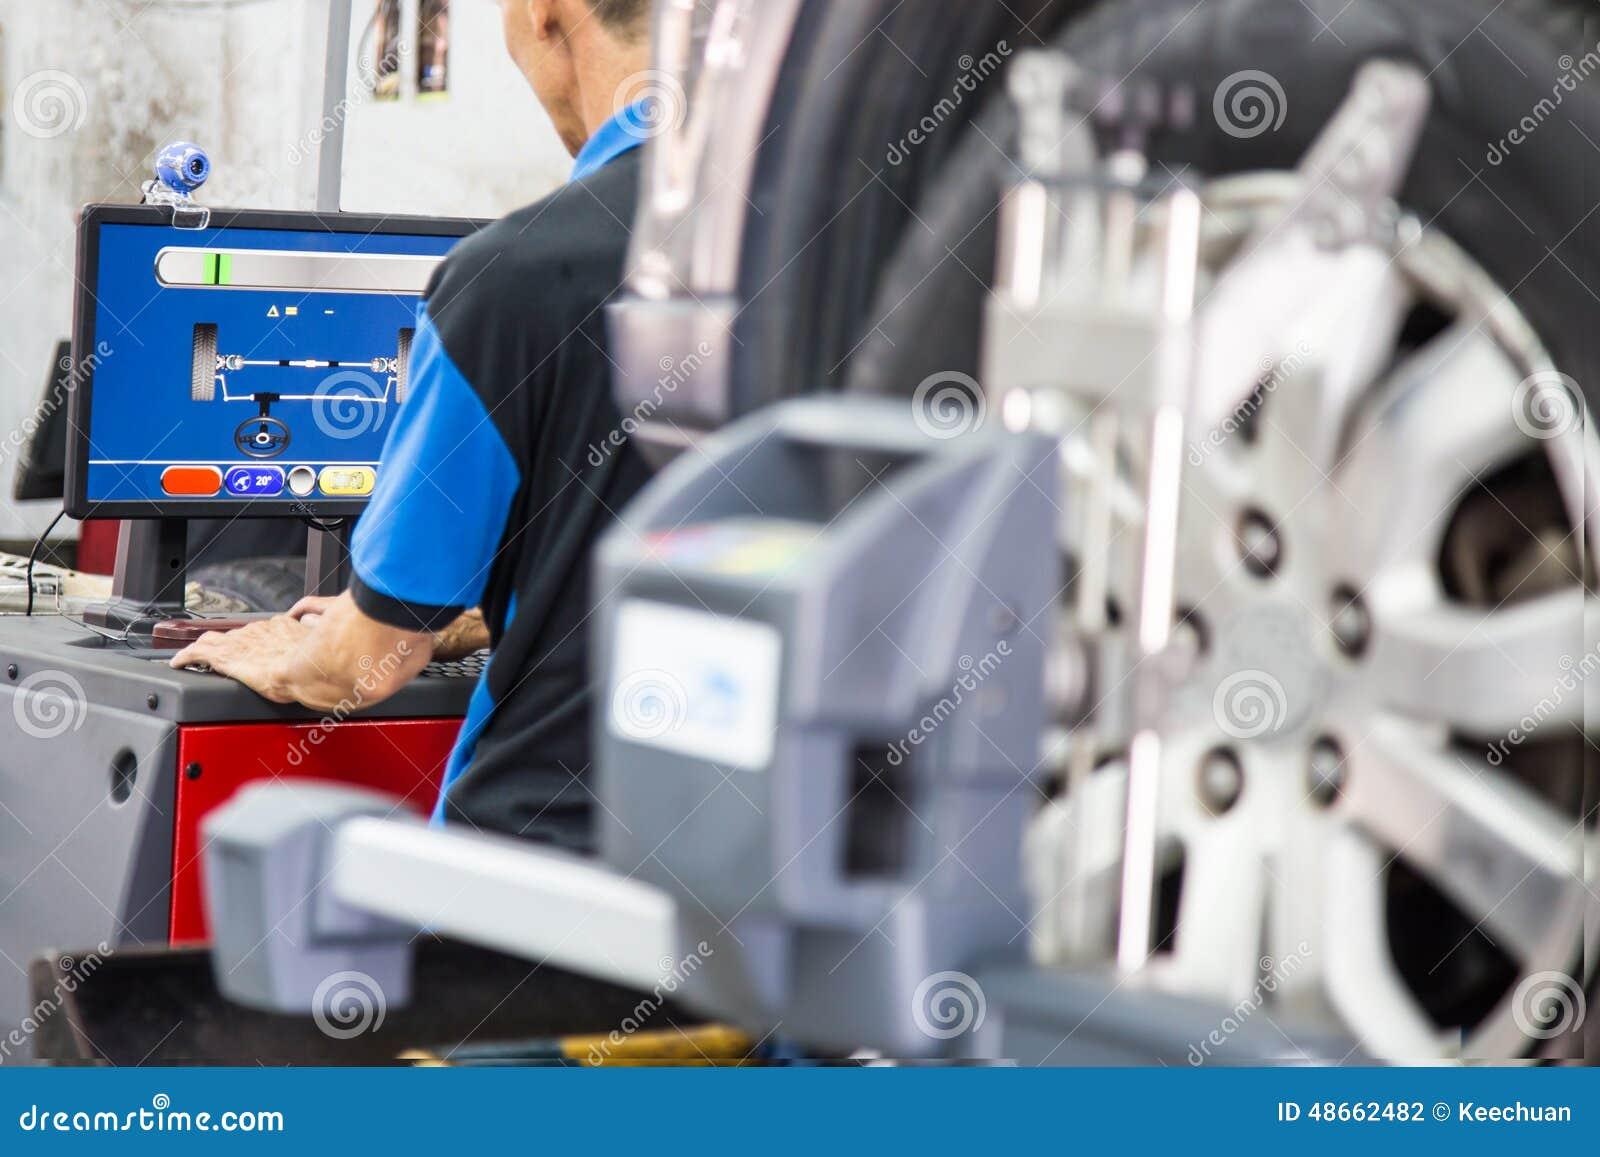 Μια ανάγνωση ο υπολογιστής που χρησιμοποιείται μηχανική για να αξιολογήσει τη διαδικασία ευθυγράμμισης ροδών